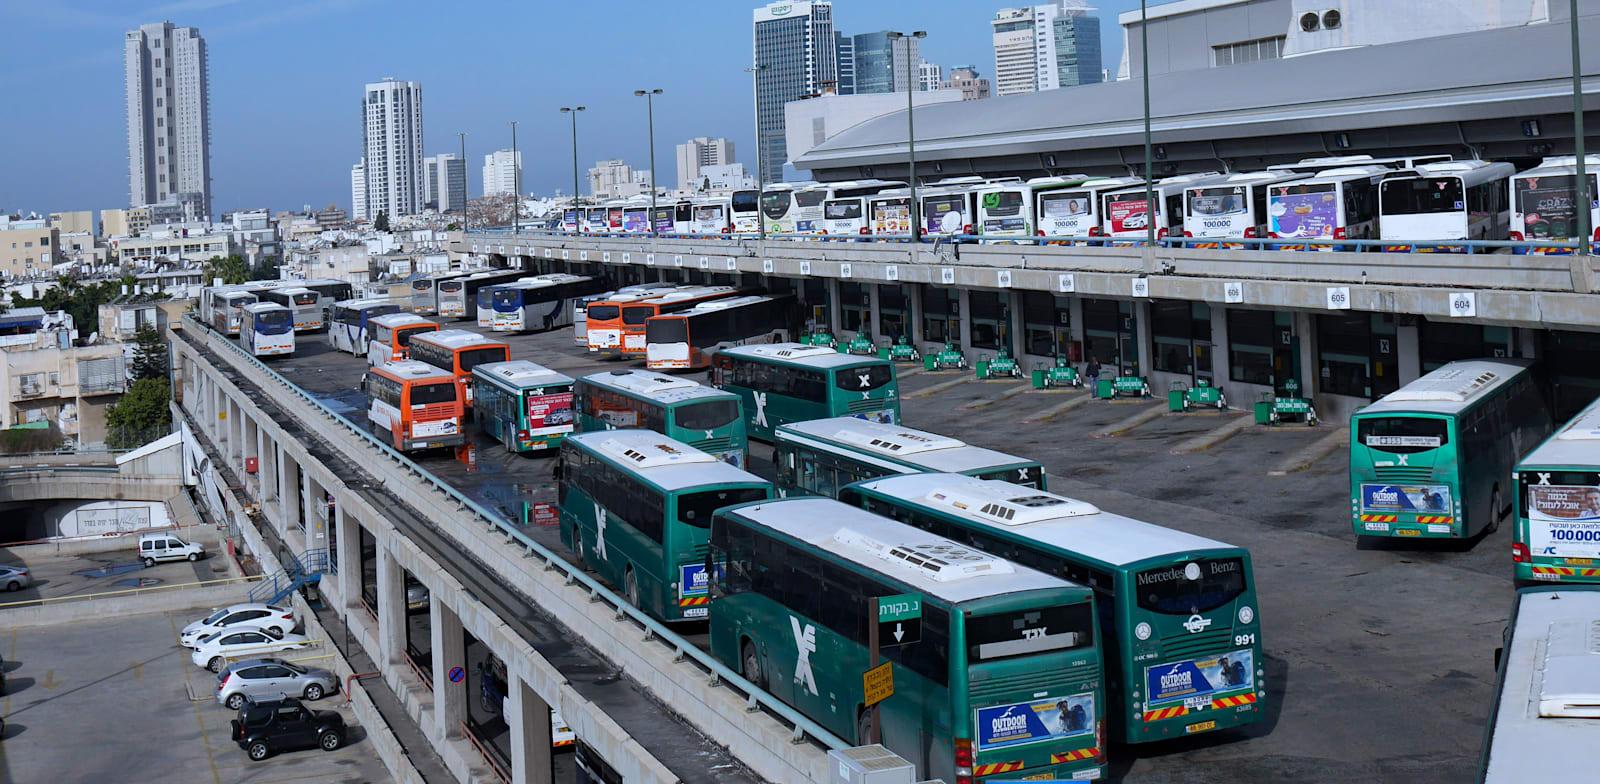 Tel Aviv Central Bus Station Photo: Shutterstock